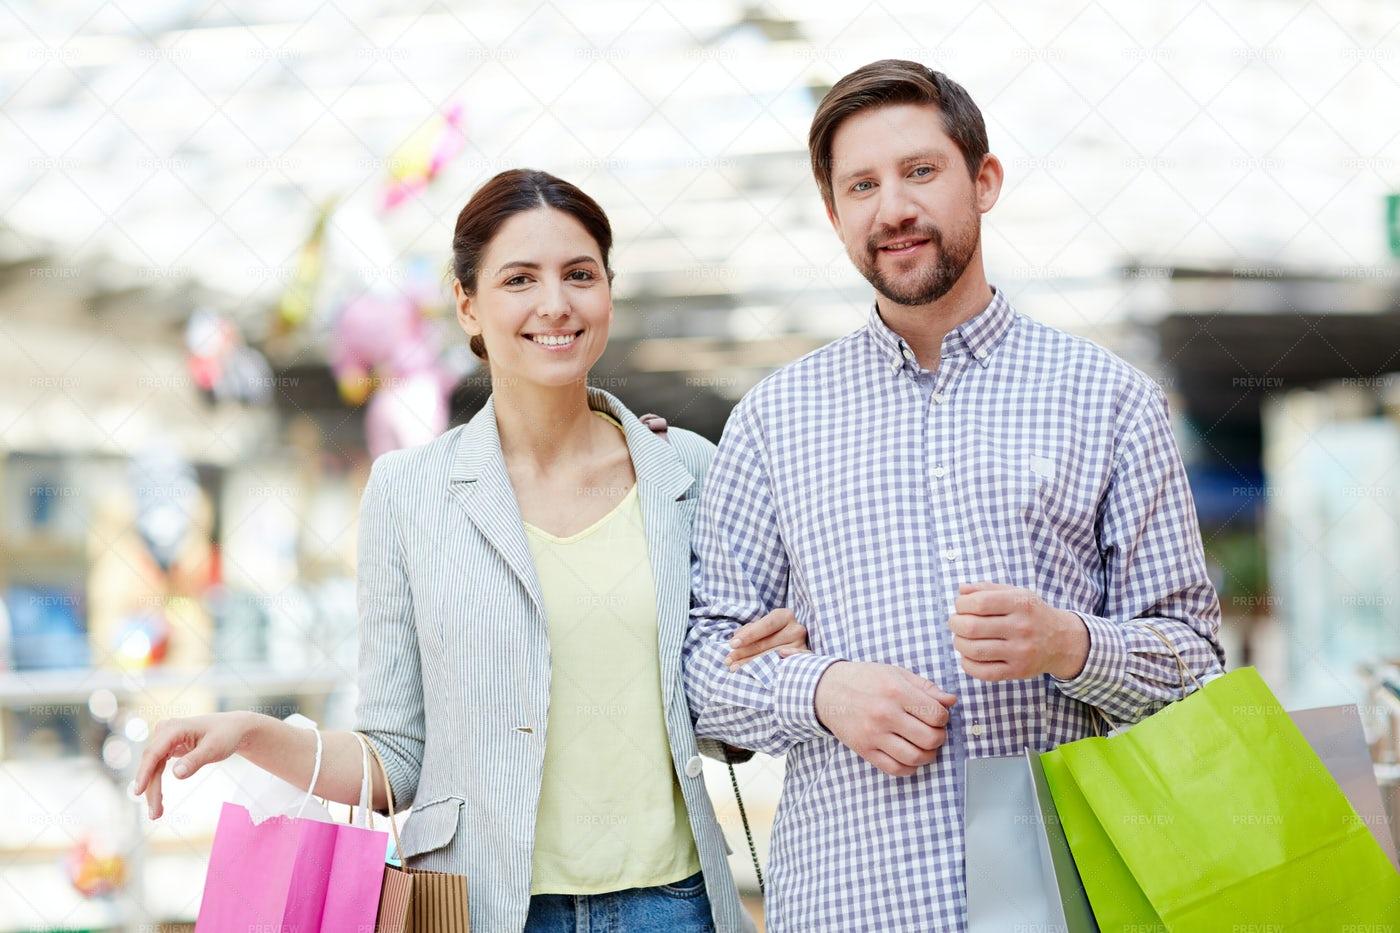 Shoppers In Trade Center: Stock Photos